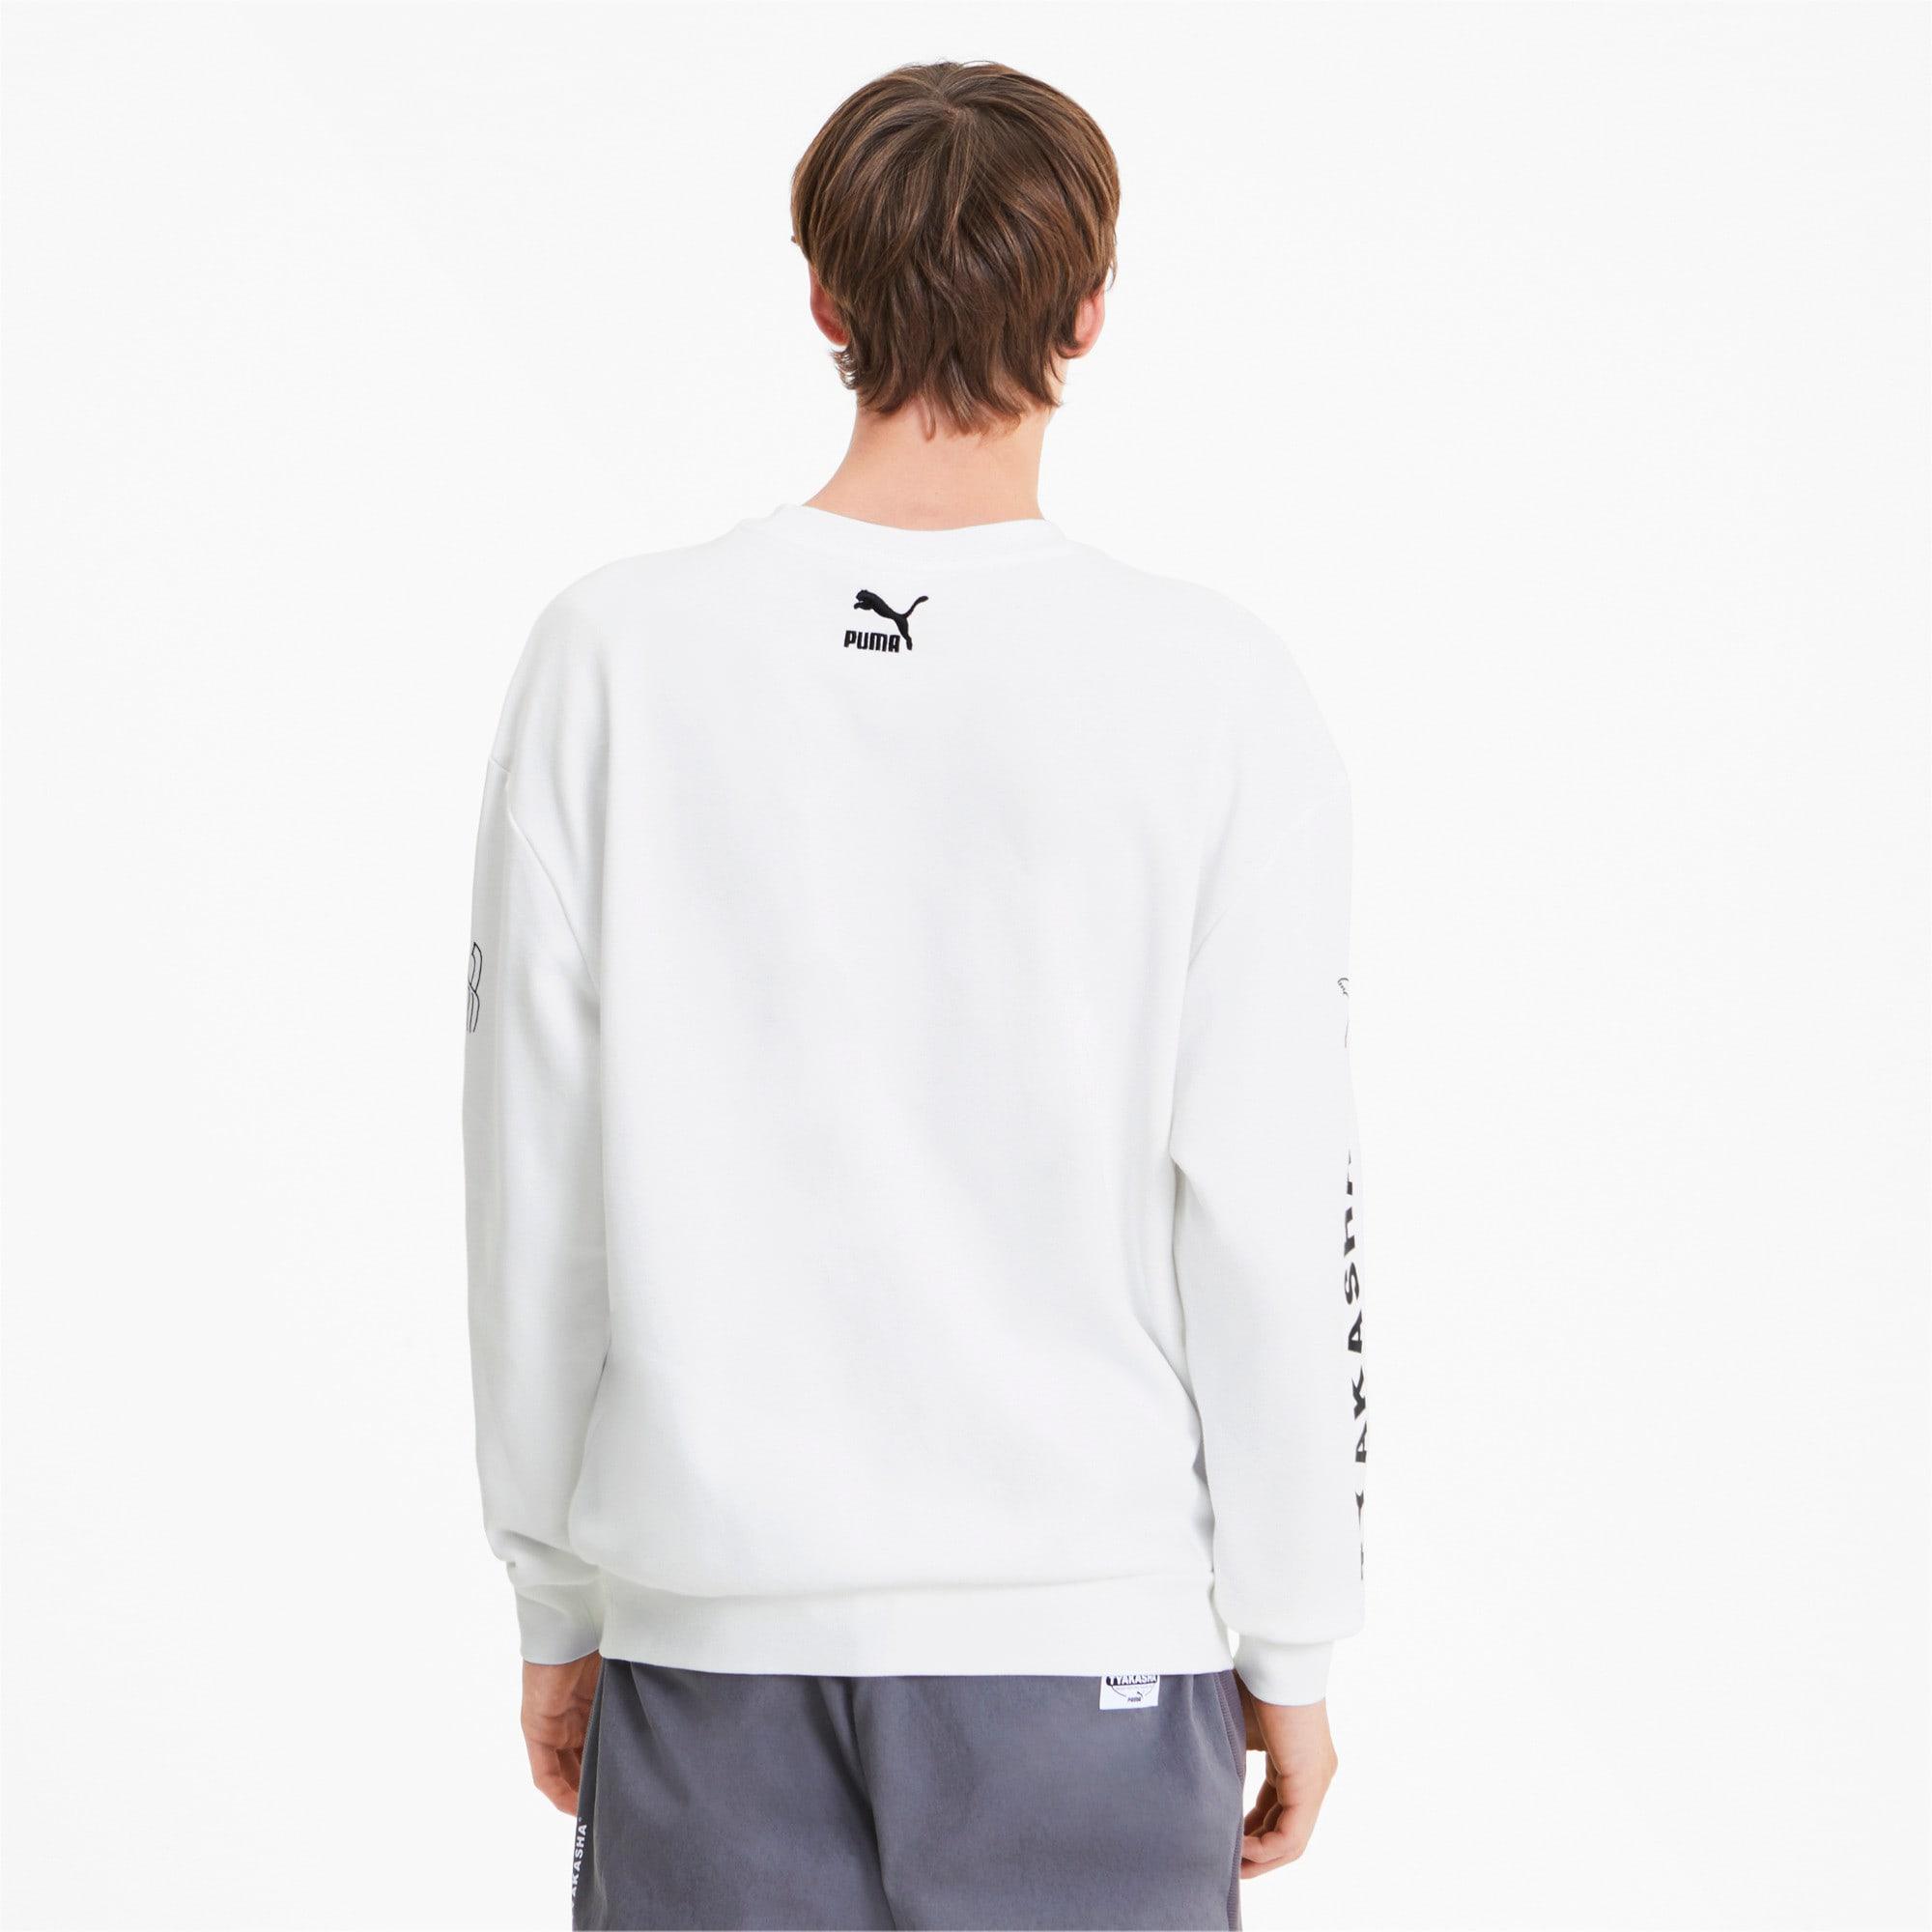 Thumbnail 3 of PUMA x TYAKASHA Herren Sweatshirt, Puma White, medium